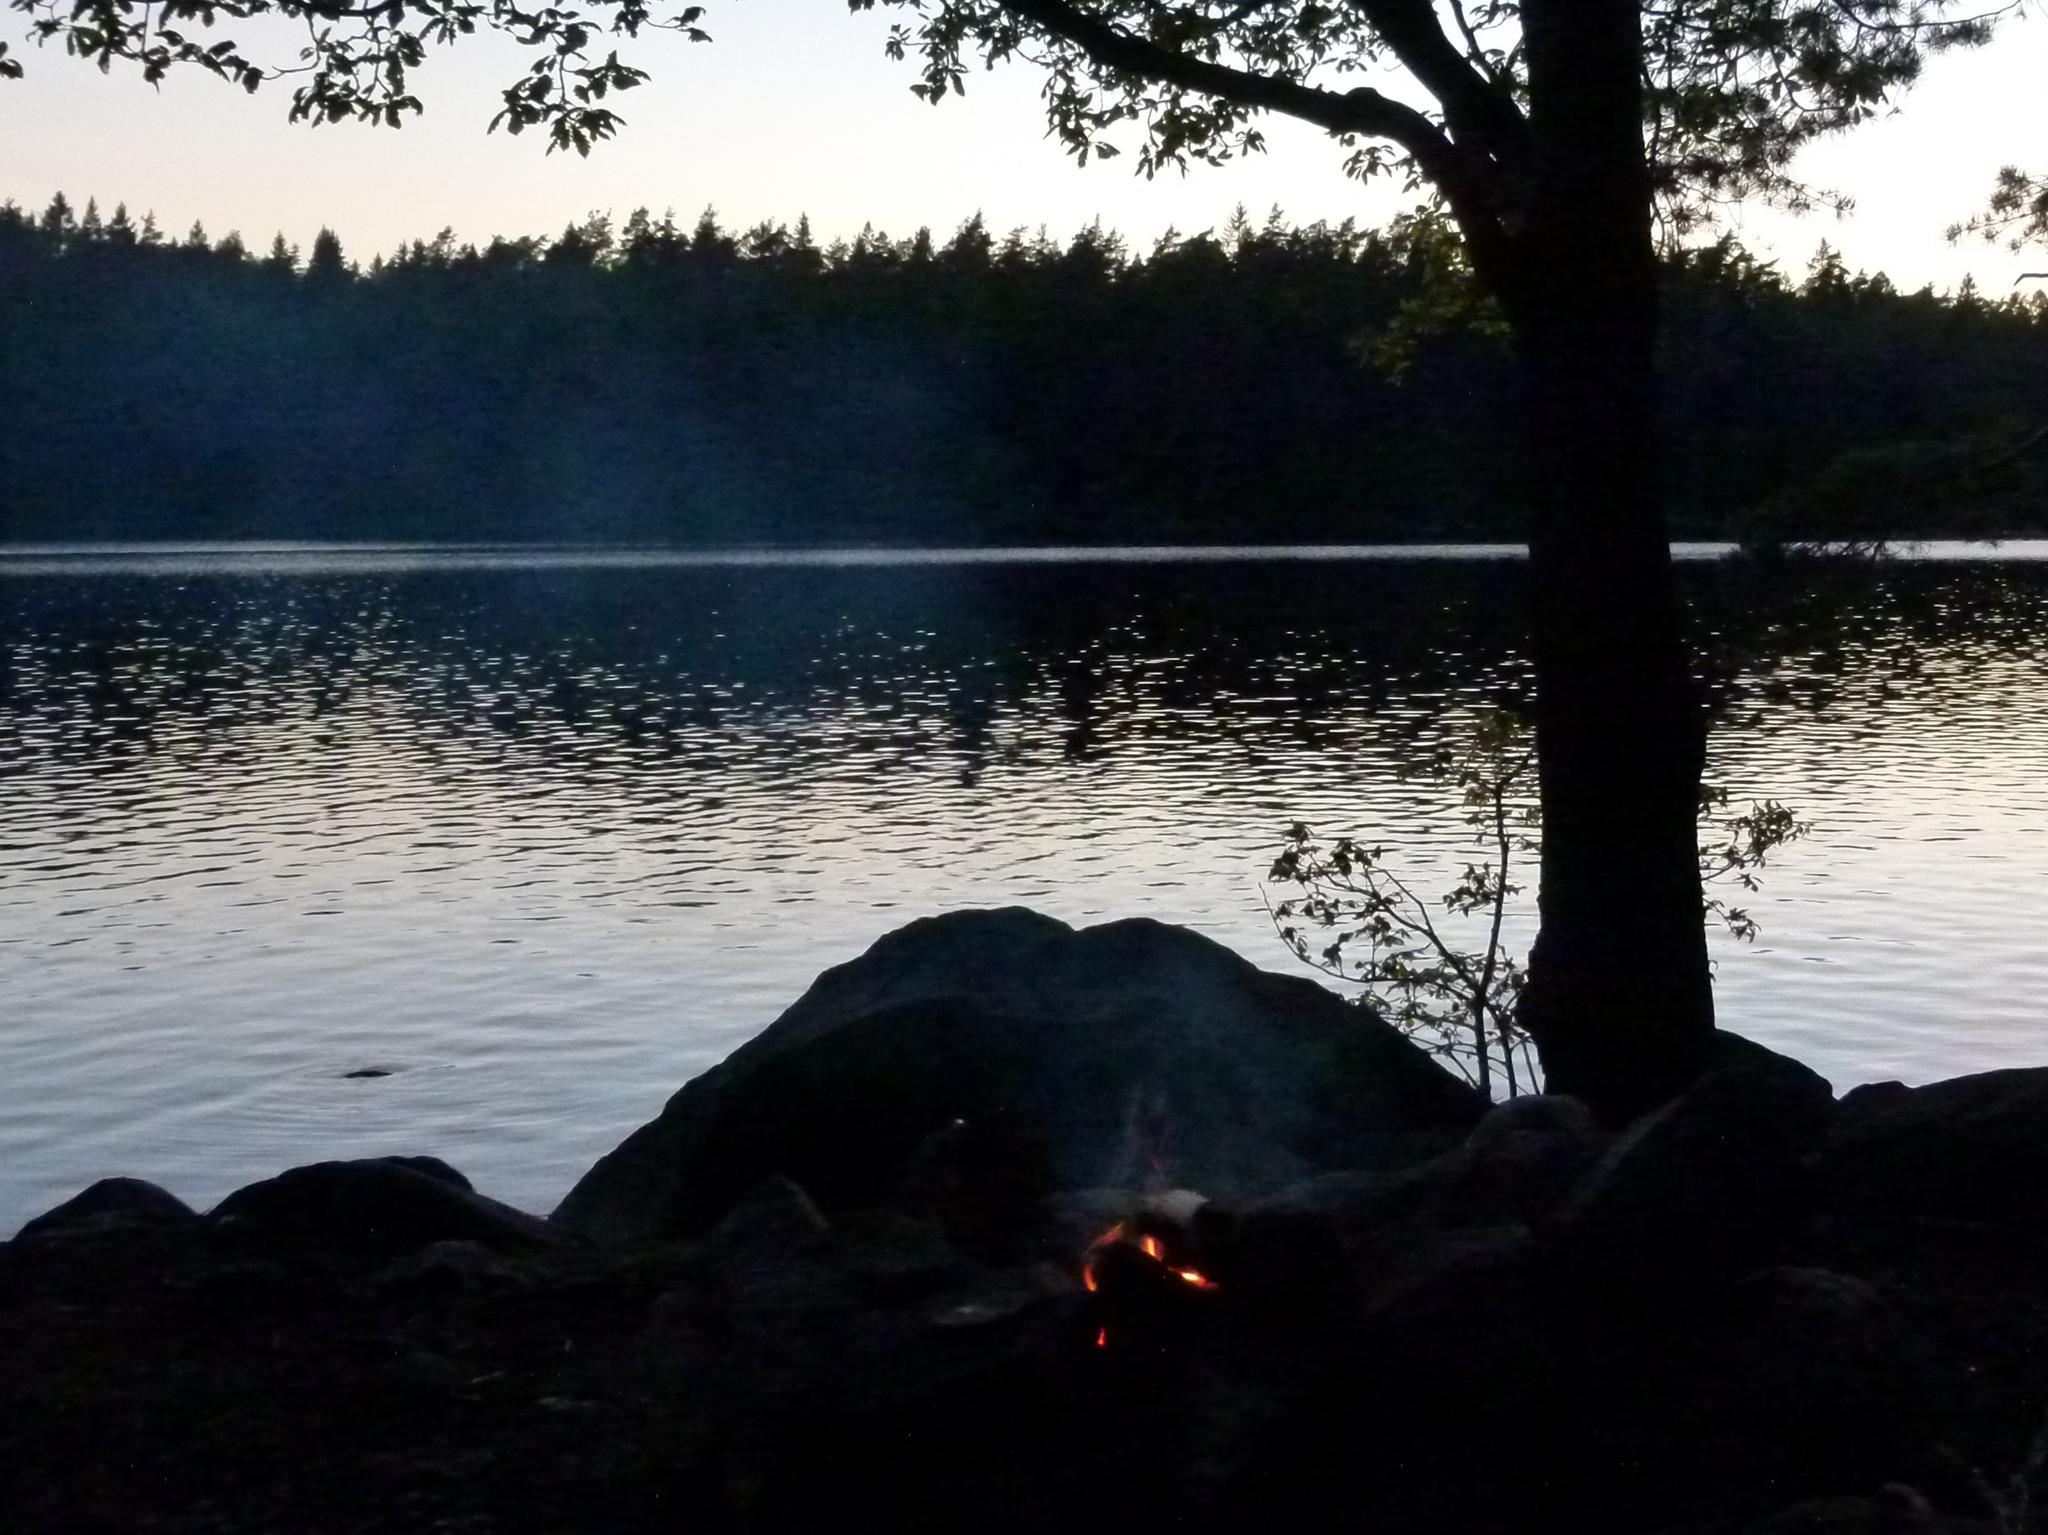 Fire soon burnt down by peterliendeborg